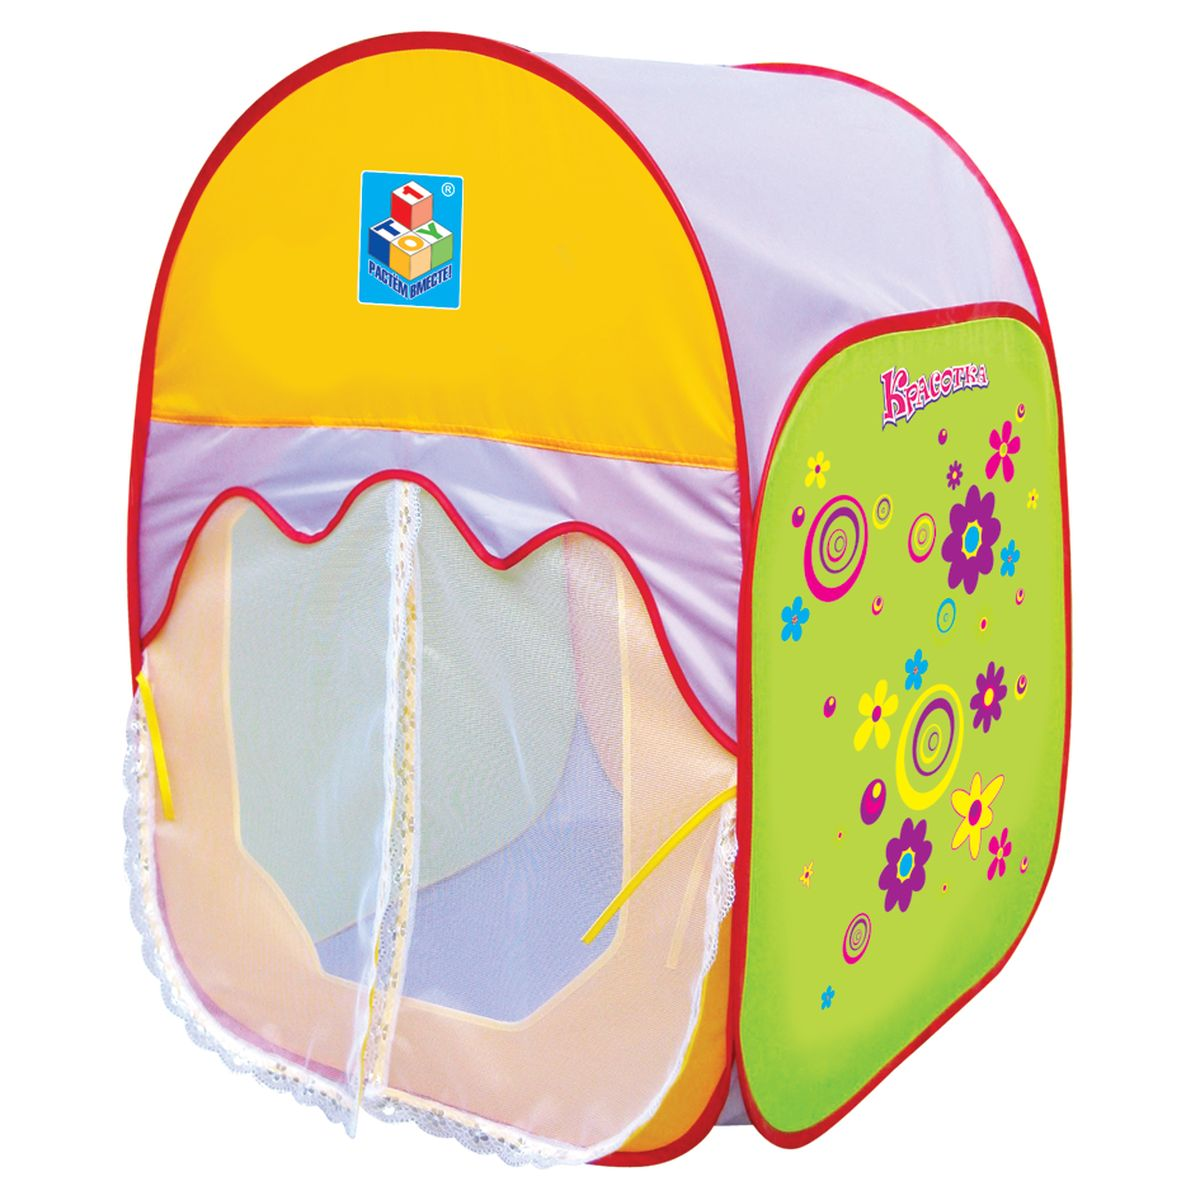 Фото 1TOY Детская игровая палатка в сумке Красотка. Купить в РФ